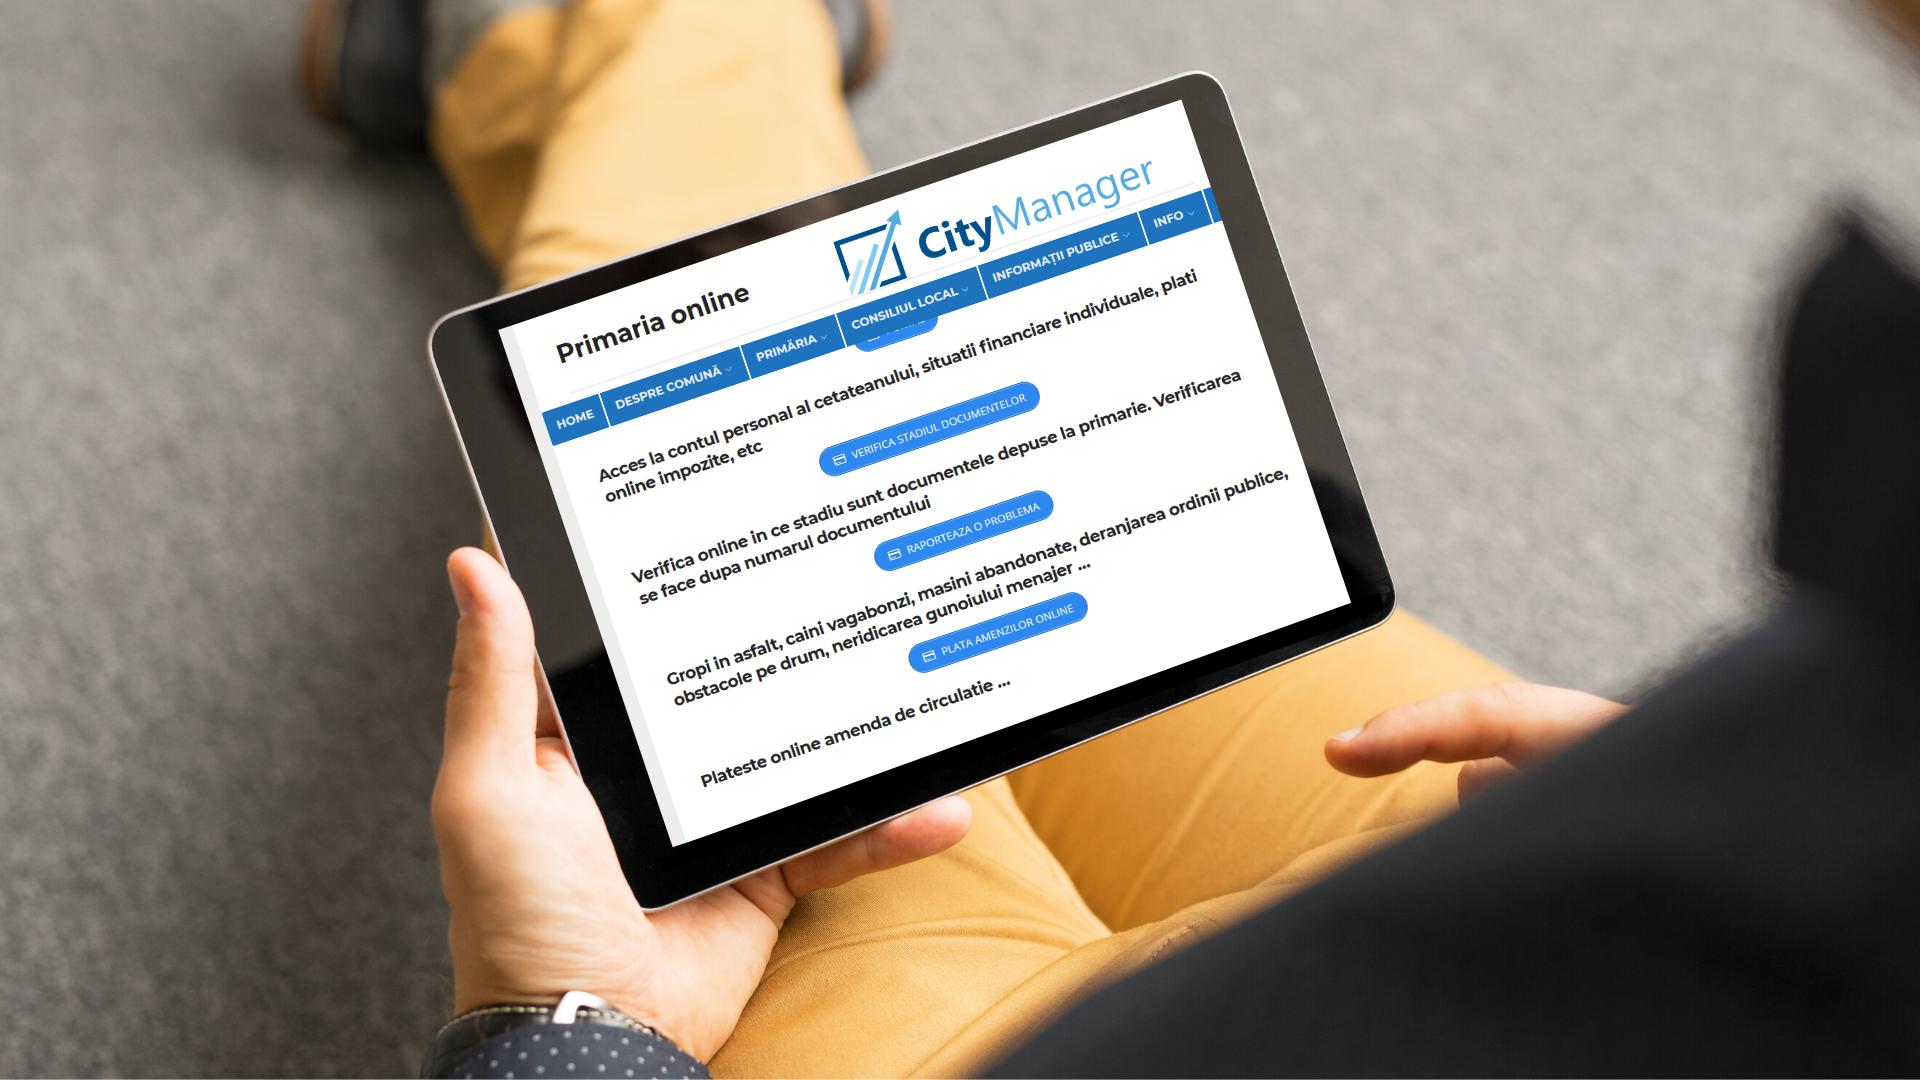 CityManager mută Primăriile online. Primăria de acasă